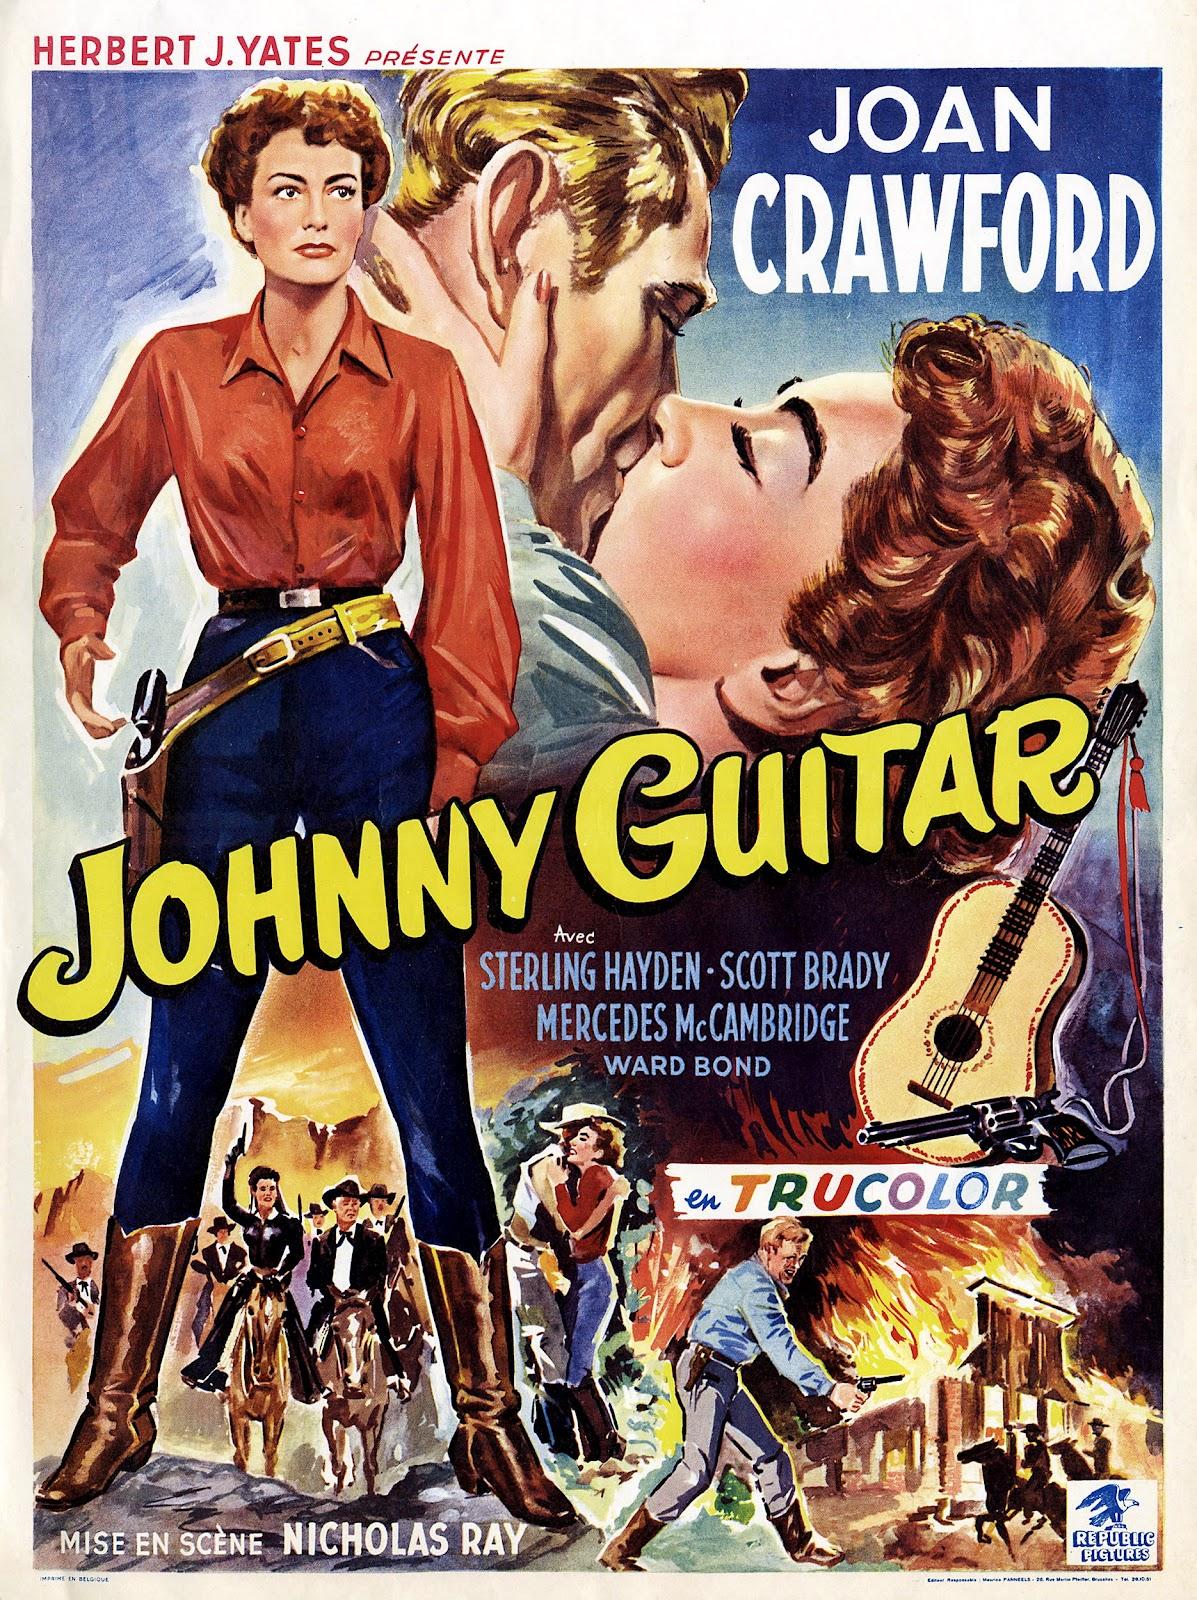 http://3.bp.blogspot.com/-ZOOa7opGIac/T5Vm--FAJbI/AAAAAAAAL3g/dWXnZcyTYn0/s1600/Johnny_Guitar_-_tt0047136_-_1954_-_be.jpg